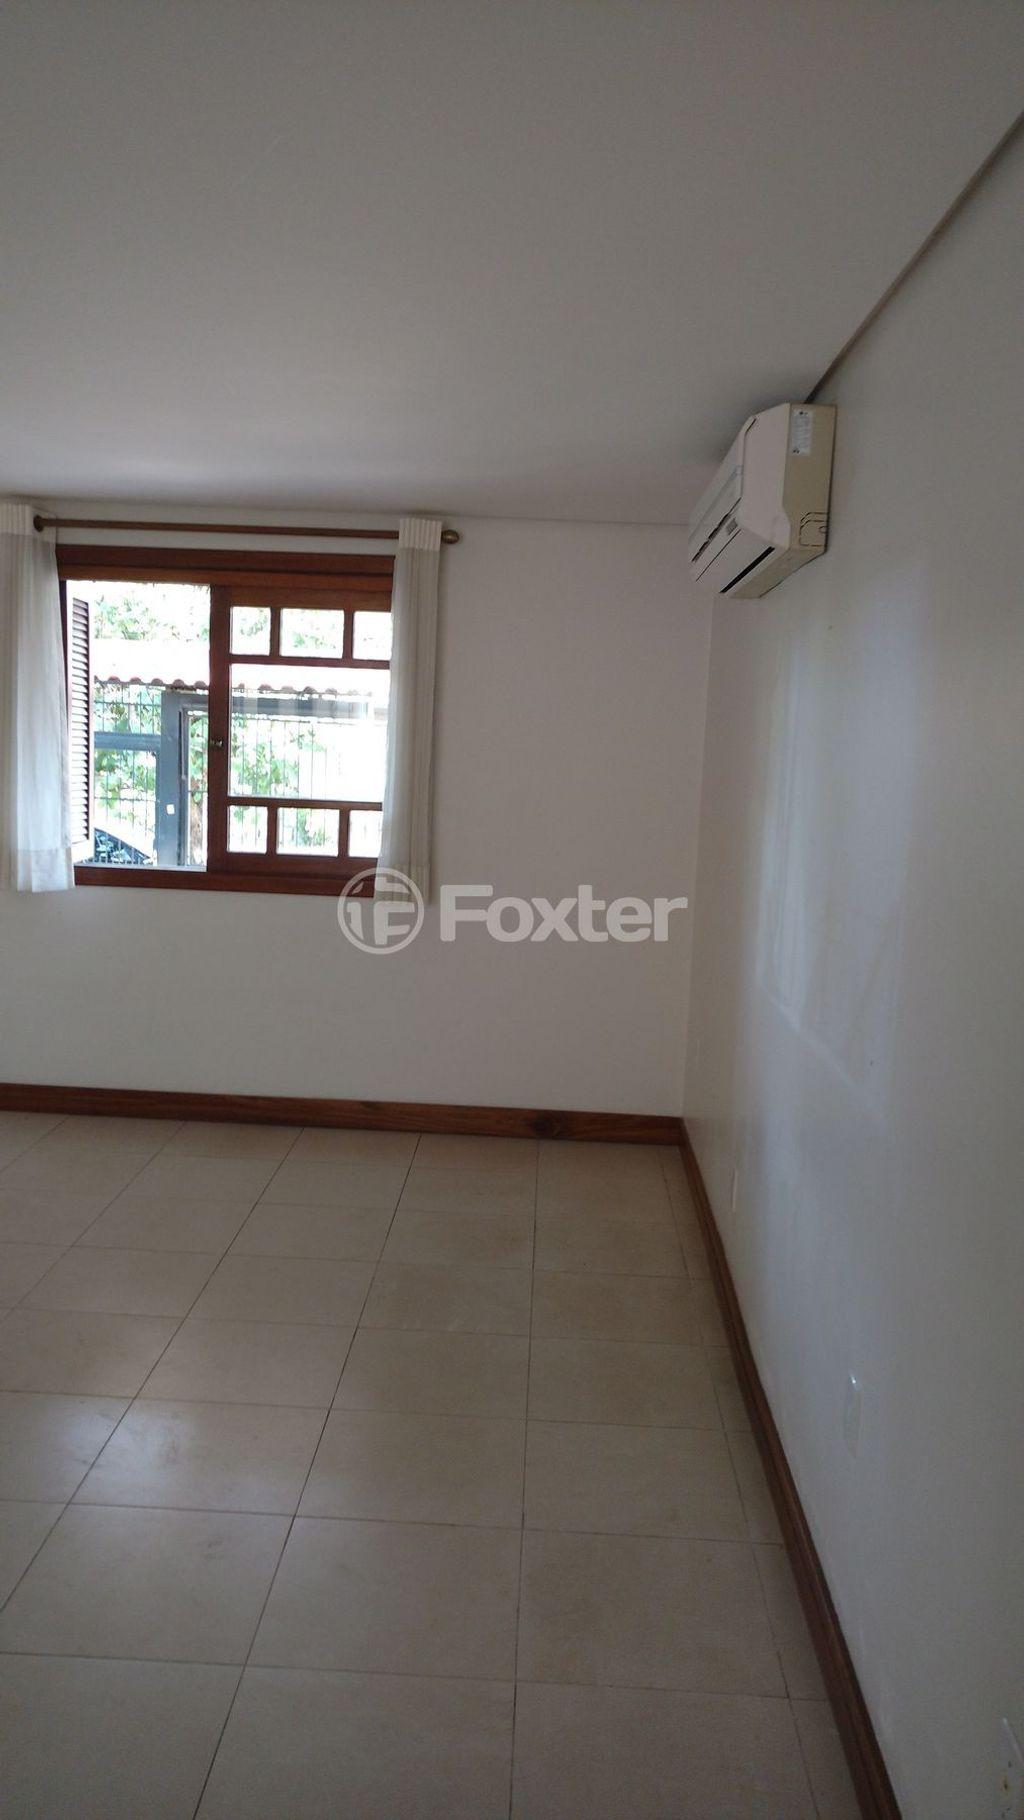 Casa 3 Dorm, Ipanema, Porto Alegre (141274) - Foto 4